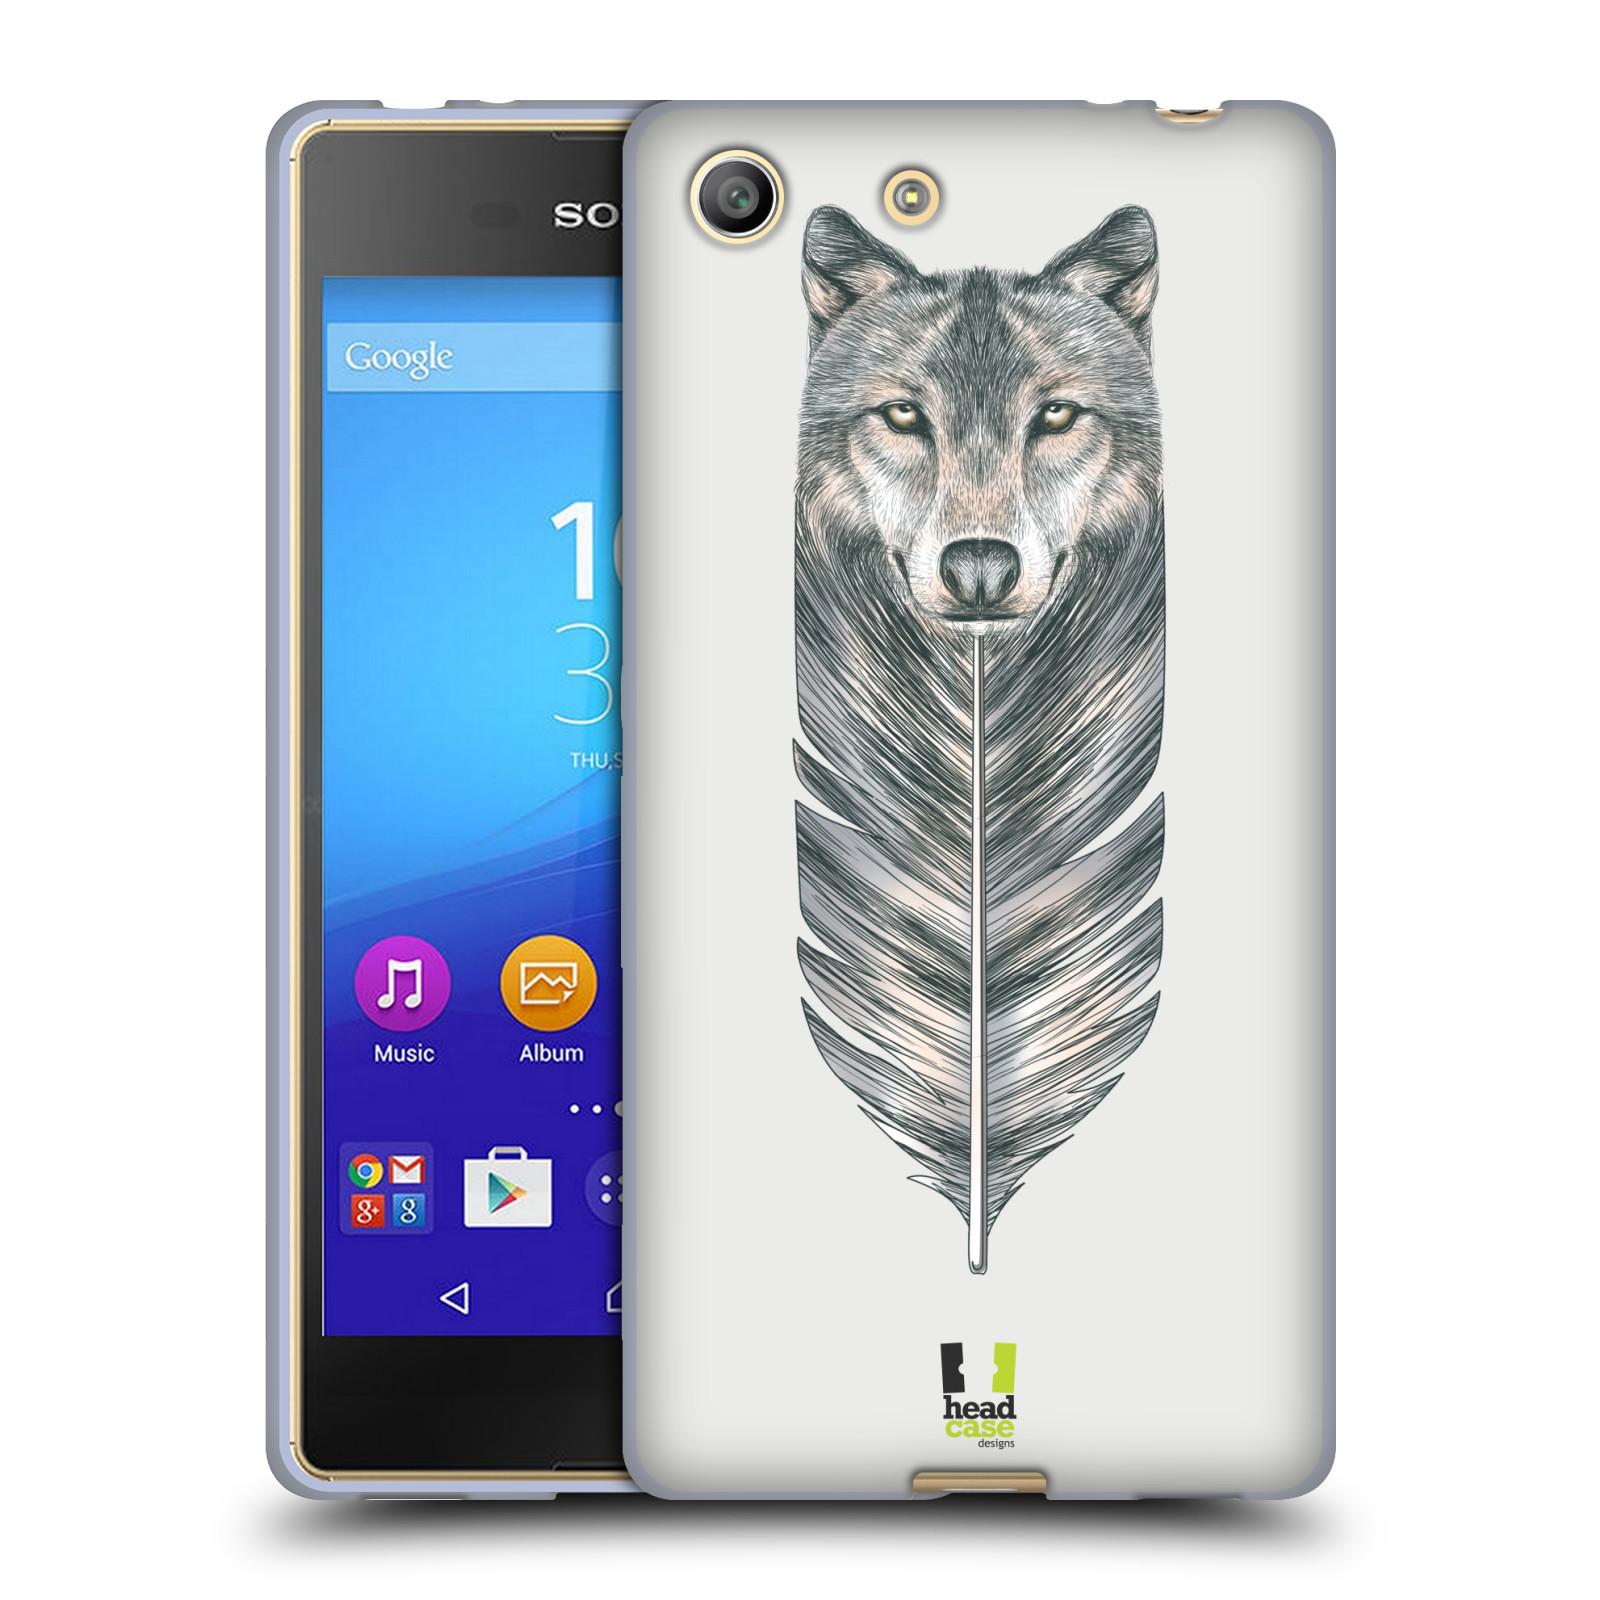 Silikonové pouzdro na mobil Sony Xperia M5 HEAD CASE PÍRKO VLK (Silikonový kryt či obal na mobilní telefon Sony Xperia M5 Dual SIM / Aqua)